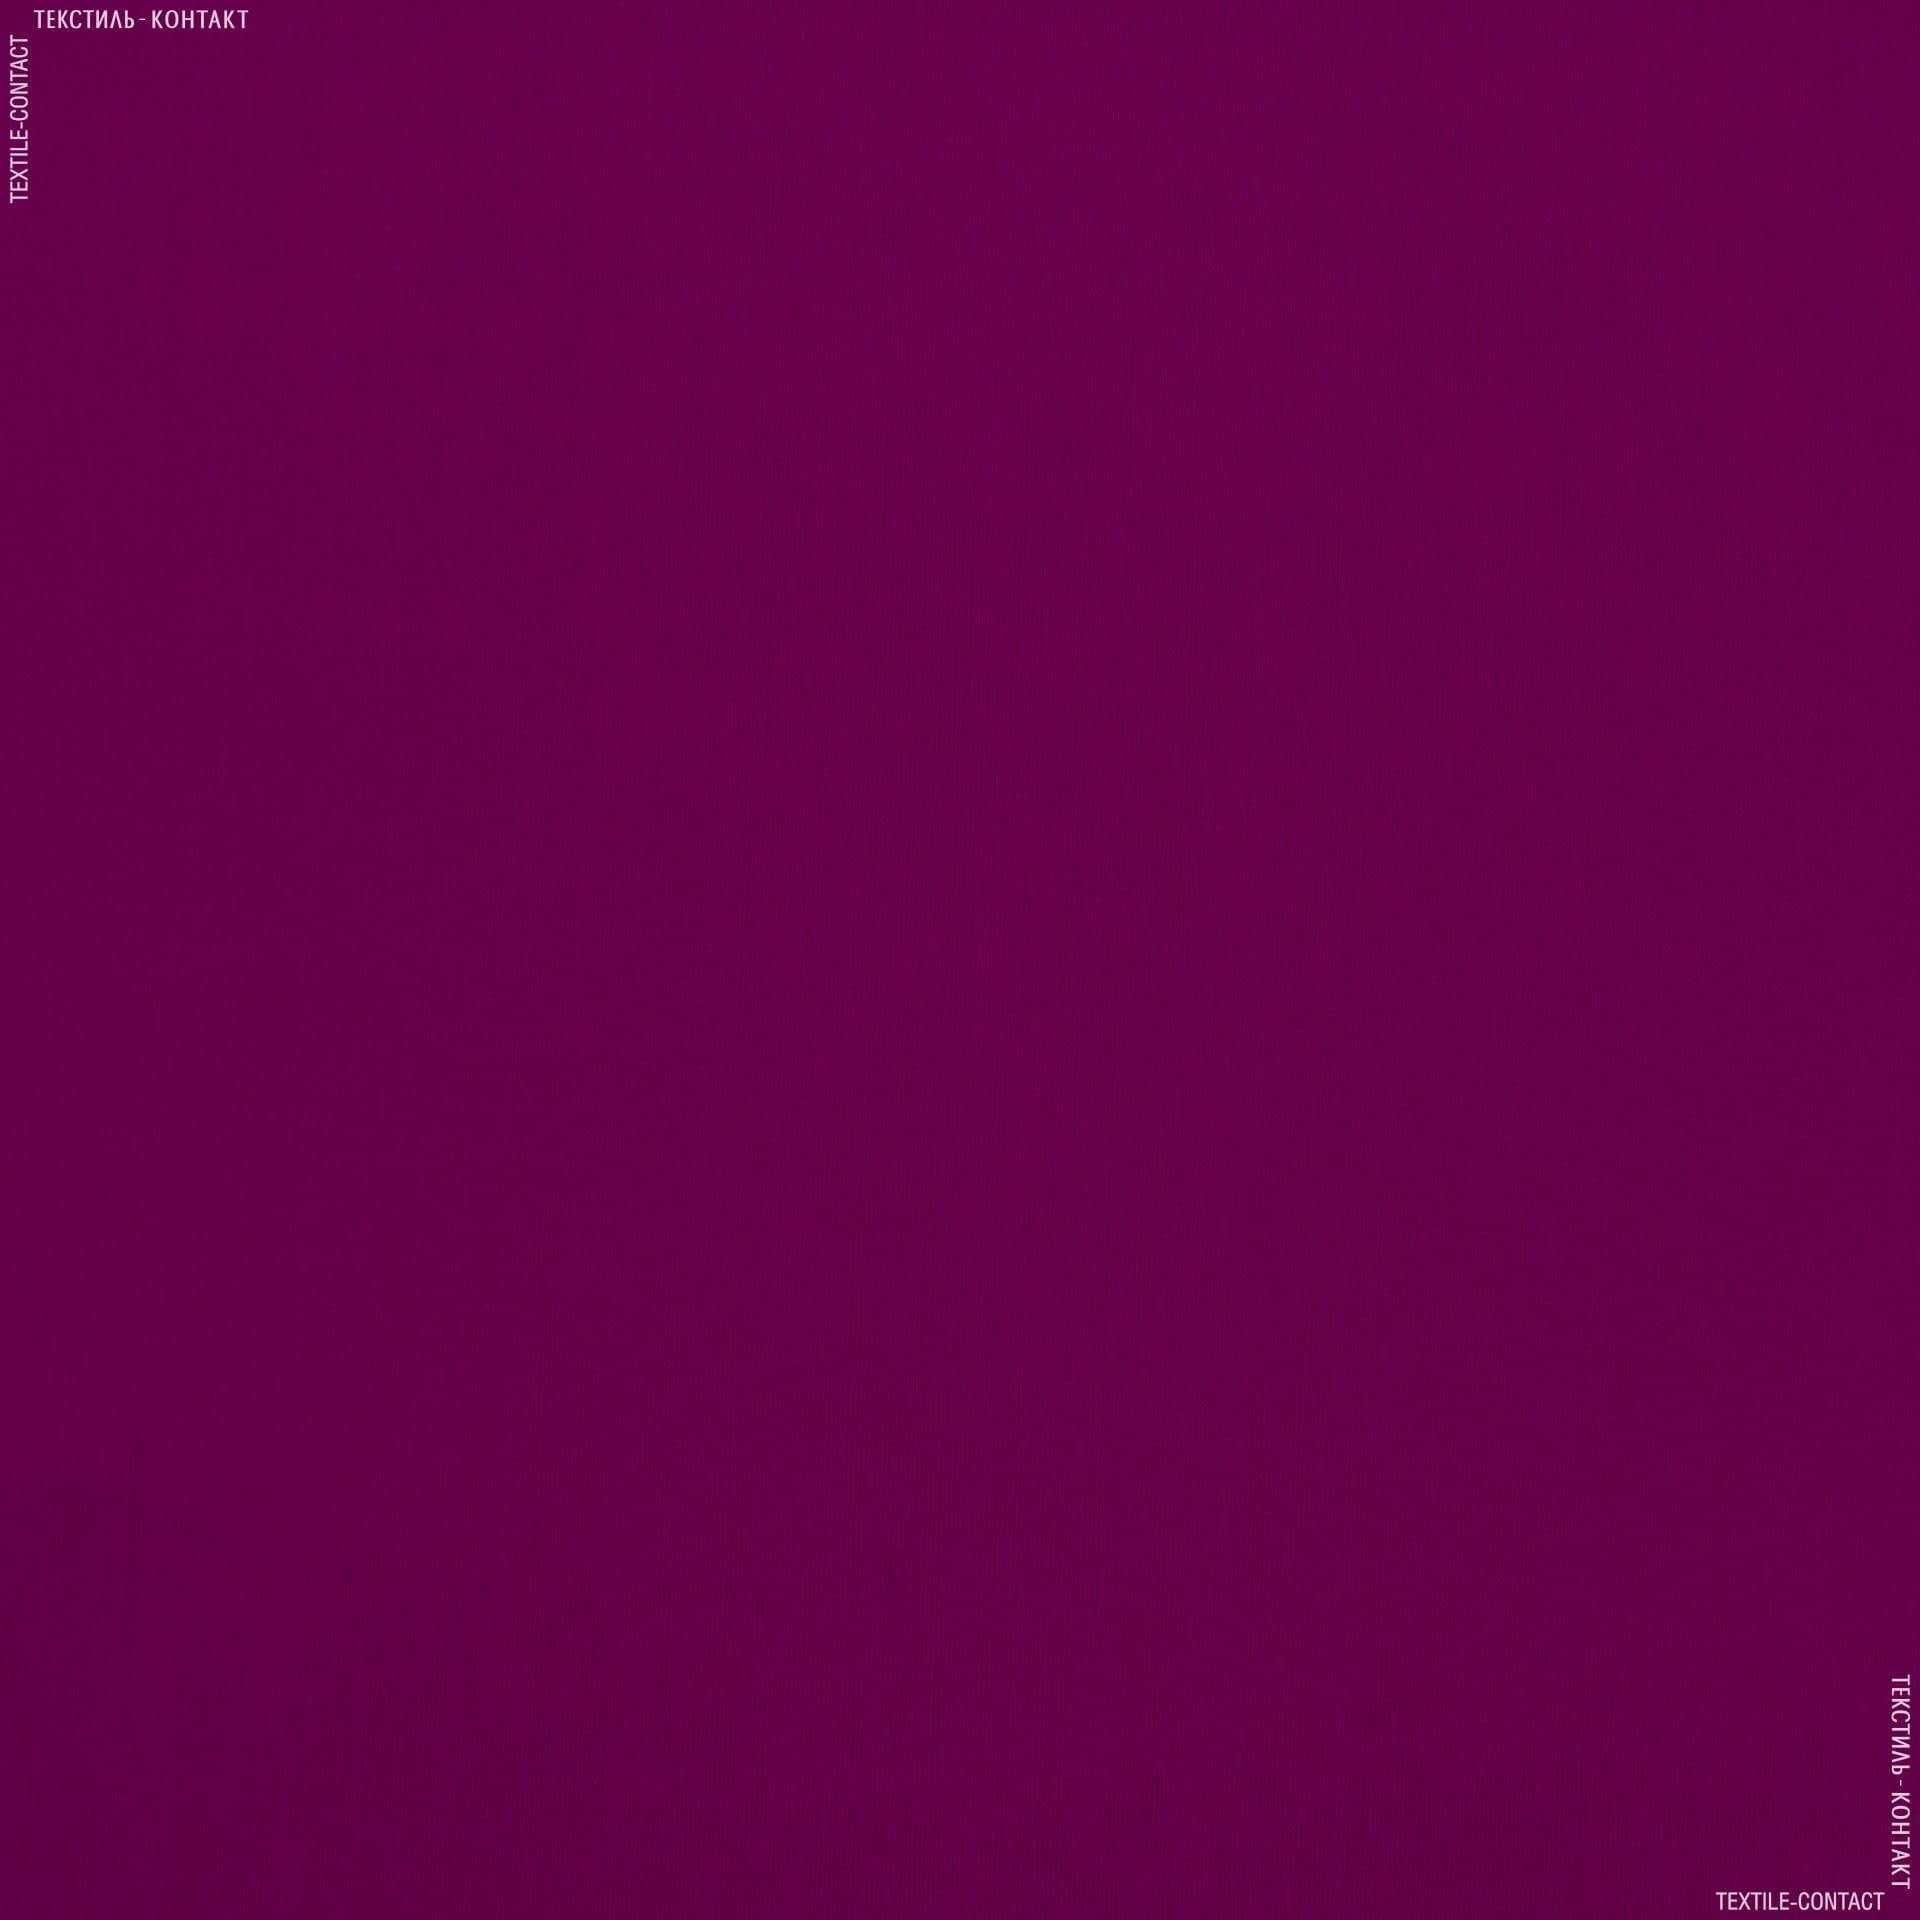 Ткани для спортивной одежды - Бифлекс свекольный